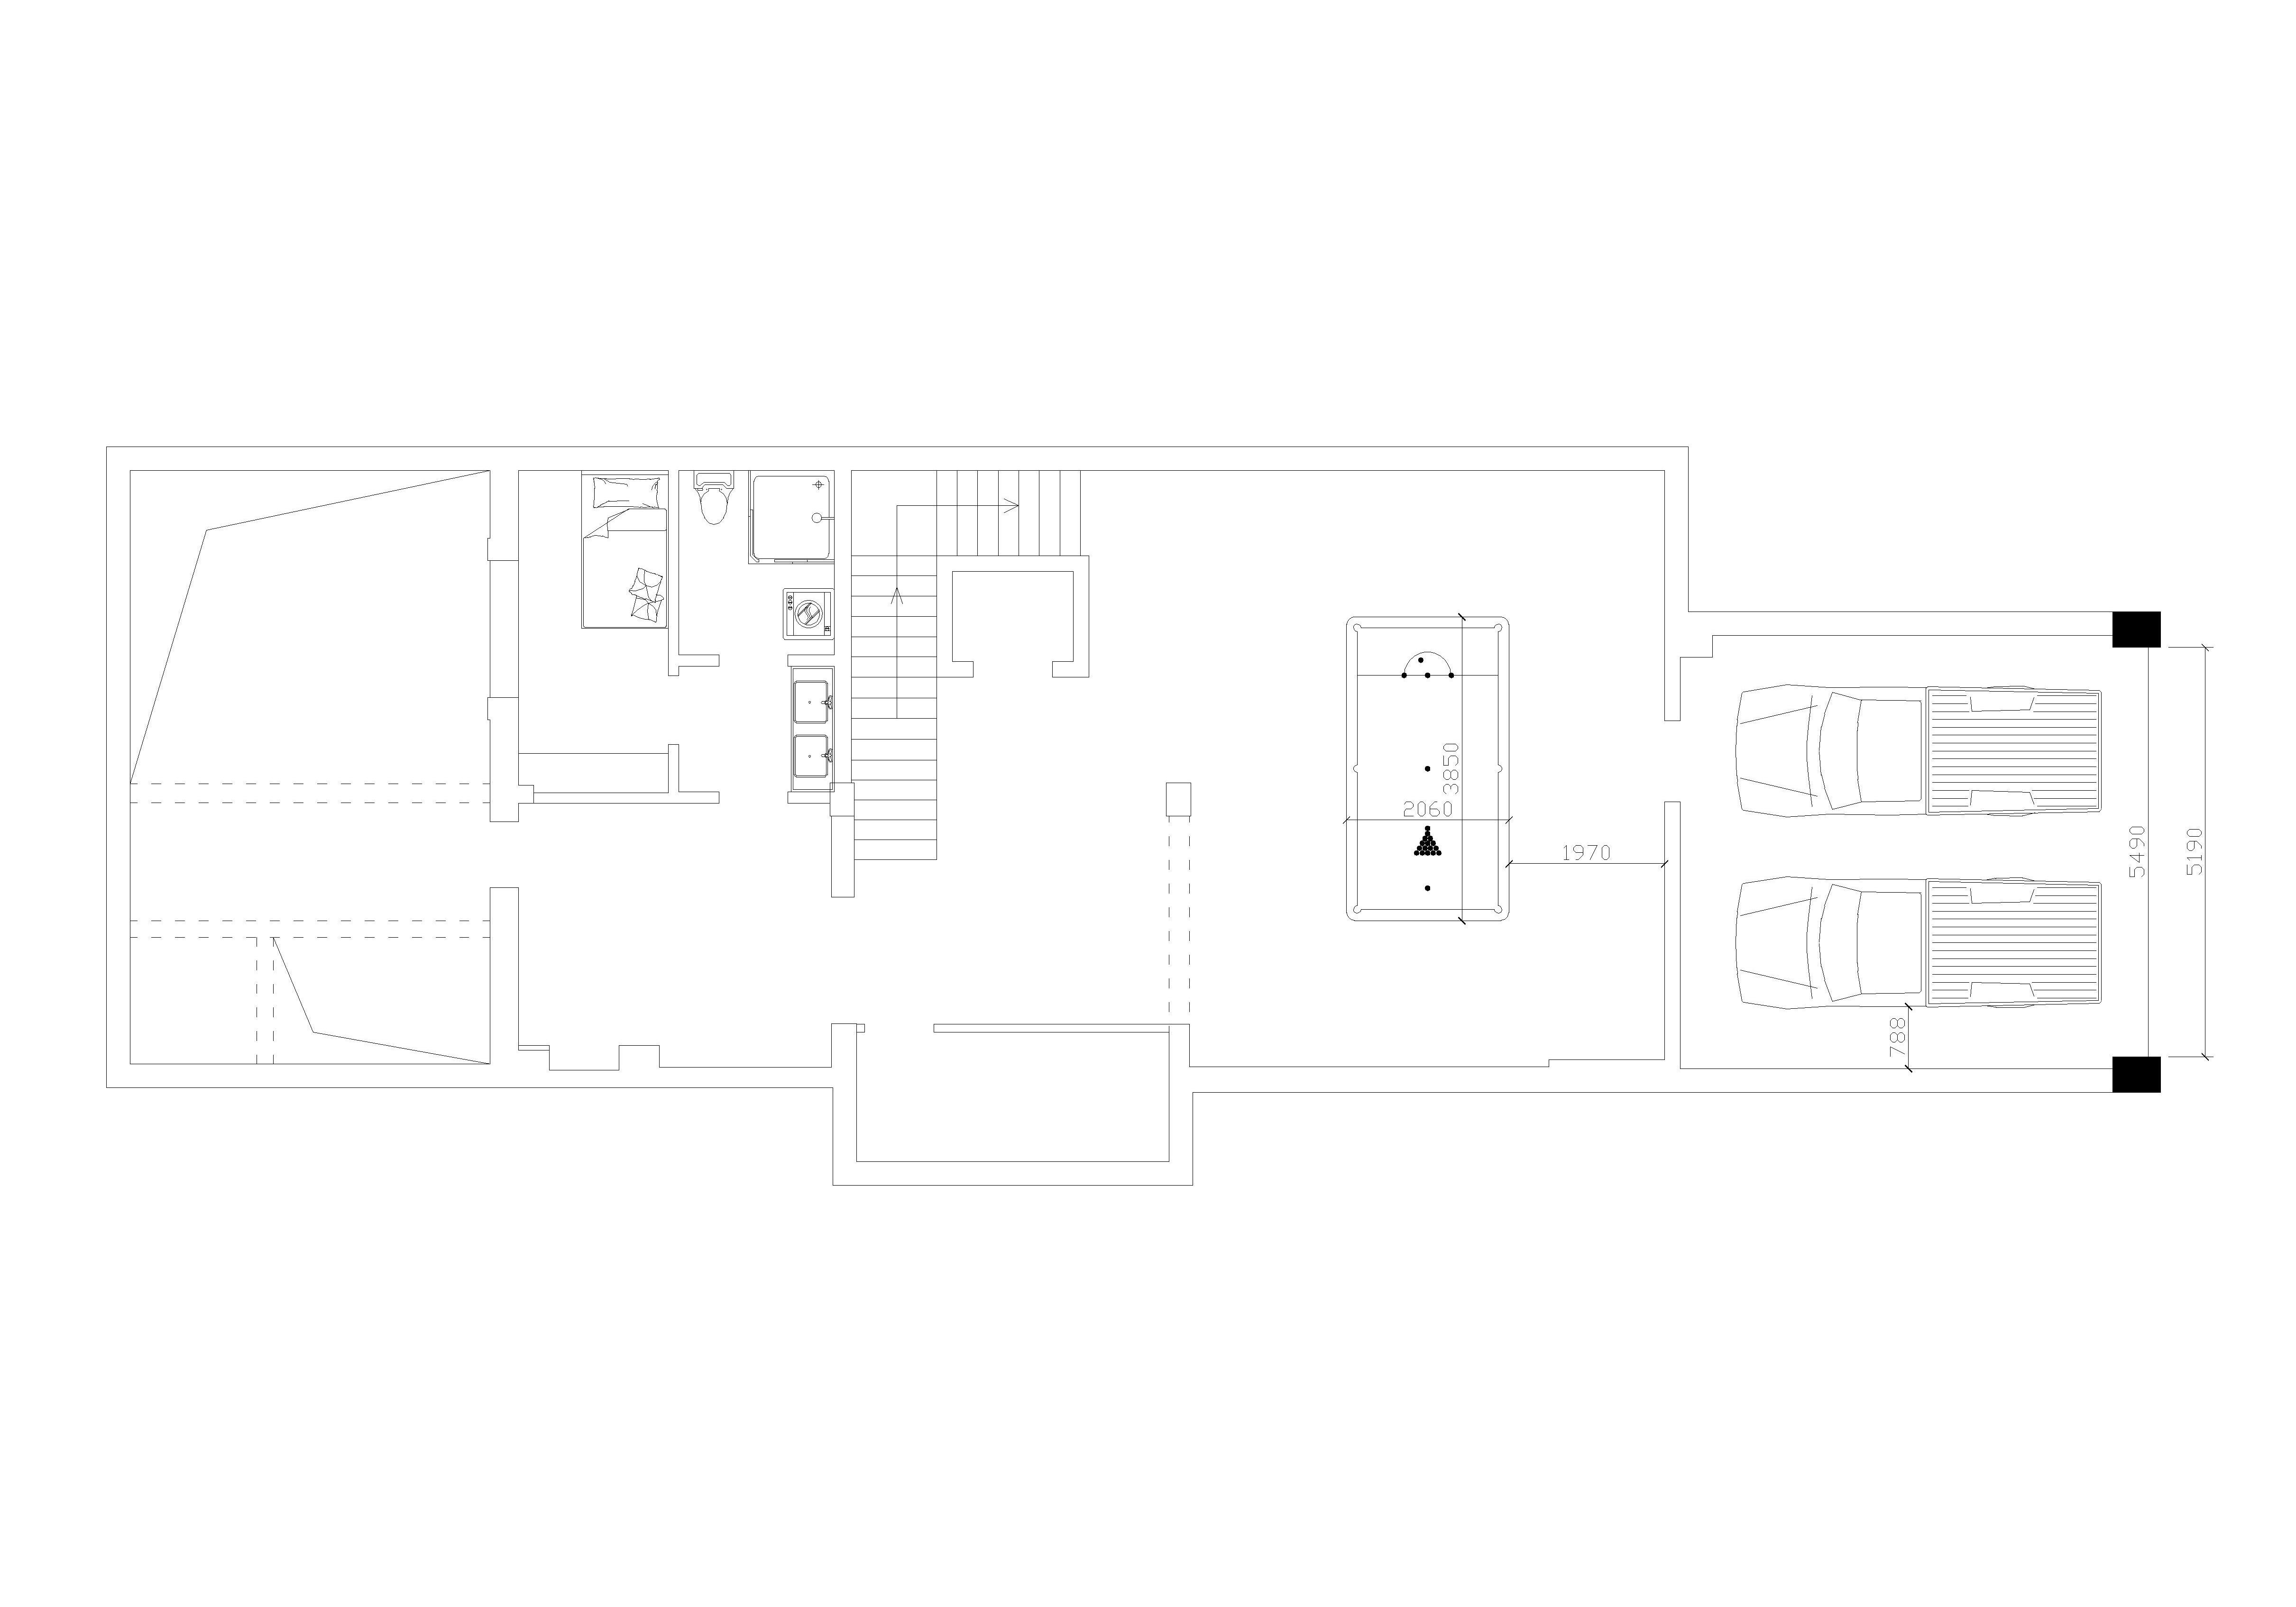 这是一套欧式风格非常明显的别墅设计。应客户要求,铭筑的设计师在组合运用了大量欧洲装饰风格元素同时对室内空间做了非常有意思的调整。高亮度地砖、石材的运用以及护墙板的搭配,为这个空间创造了柔和的光影效果,典雅高尚的欧洲贵族气质跃然眼前。十字的吊顶配上木质饰面板的结合,起到了良好的隔音效果,这在高标准的别墅是很必要的,可以有效隔绝上下楼层间的声音干扰。